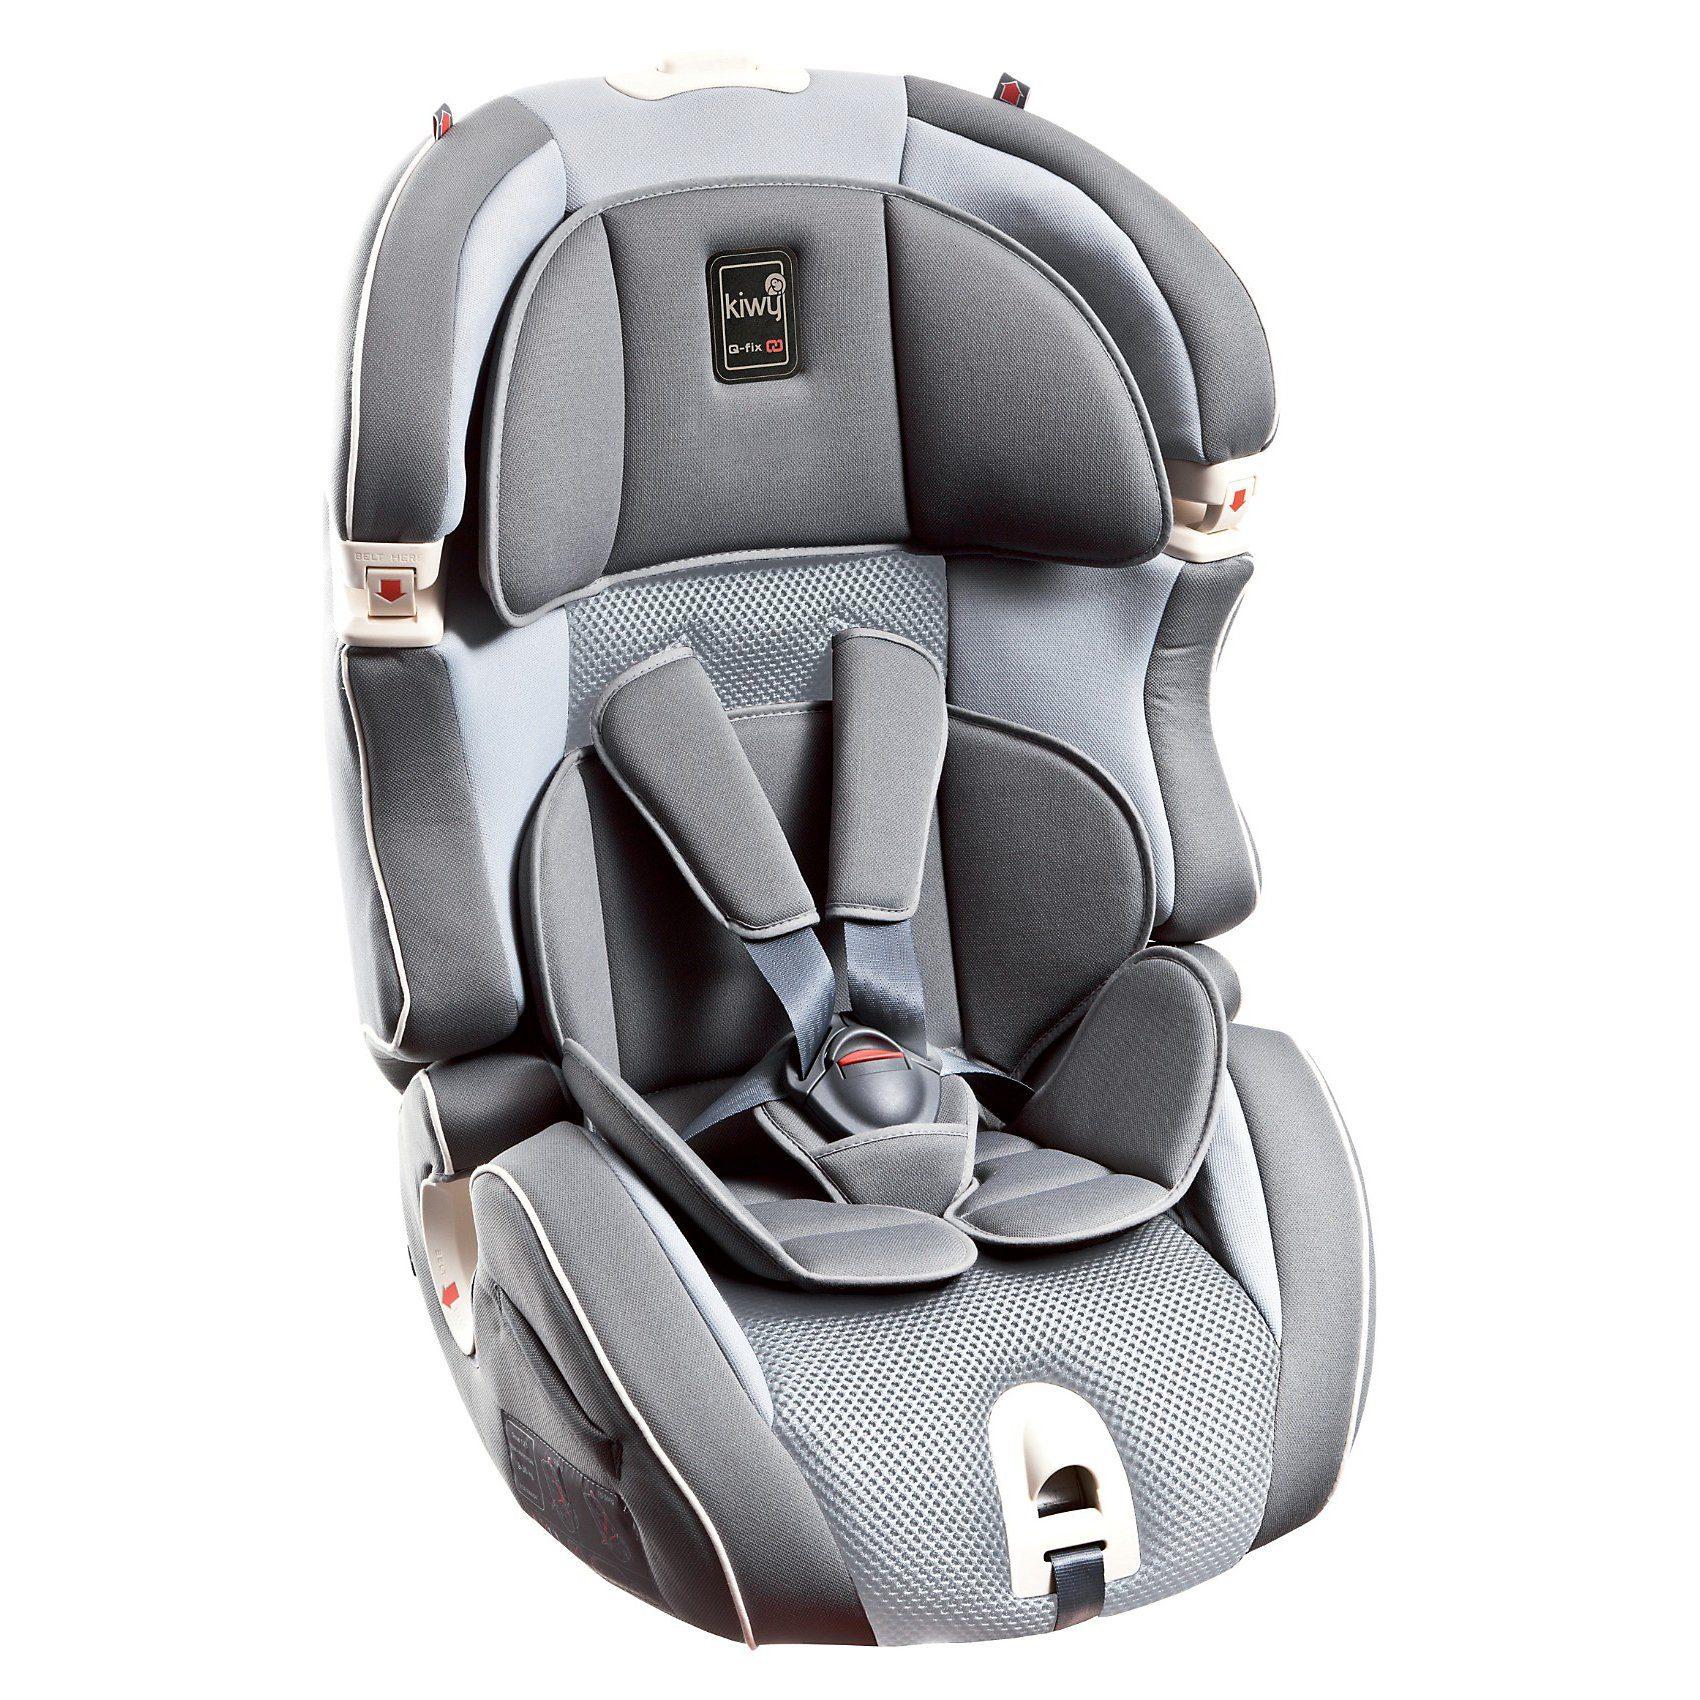 Kiwy Auto-Kindersitz SLF123 Q-Fix, Stone, 2016